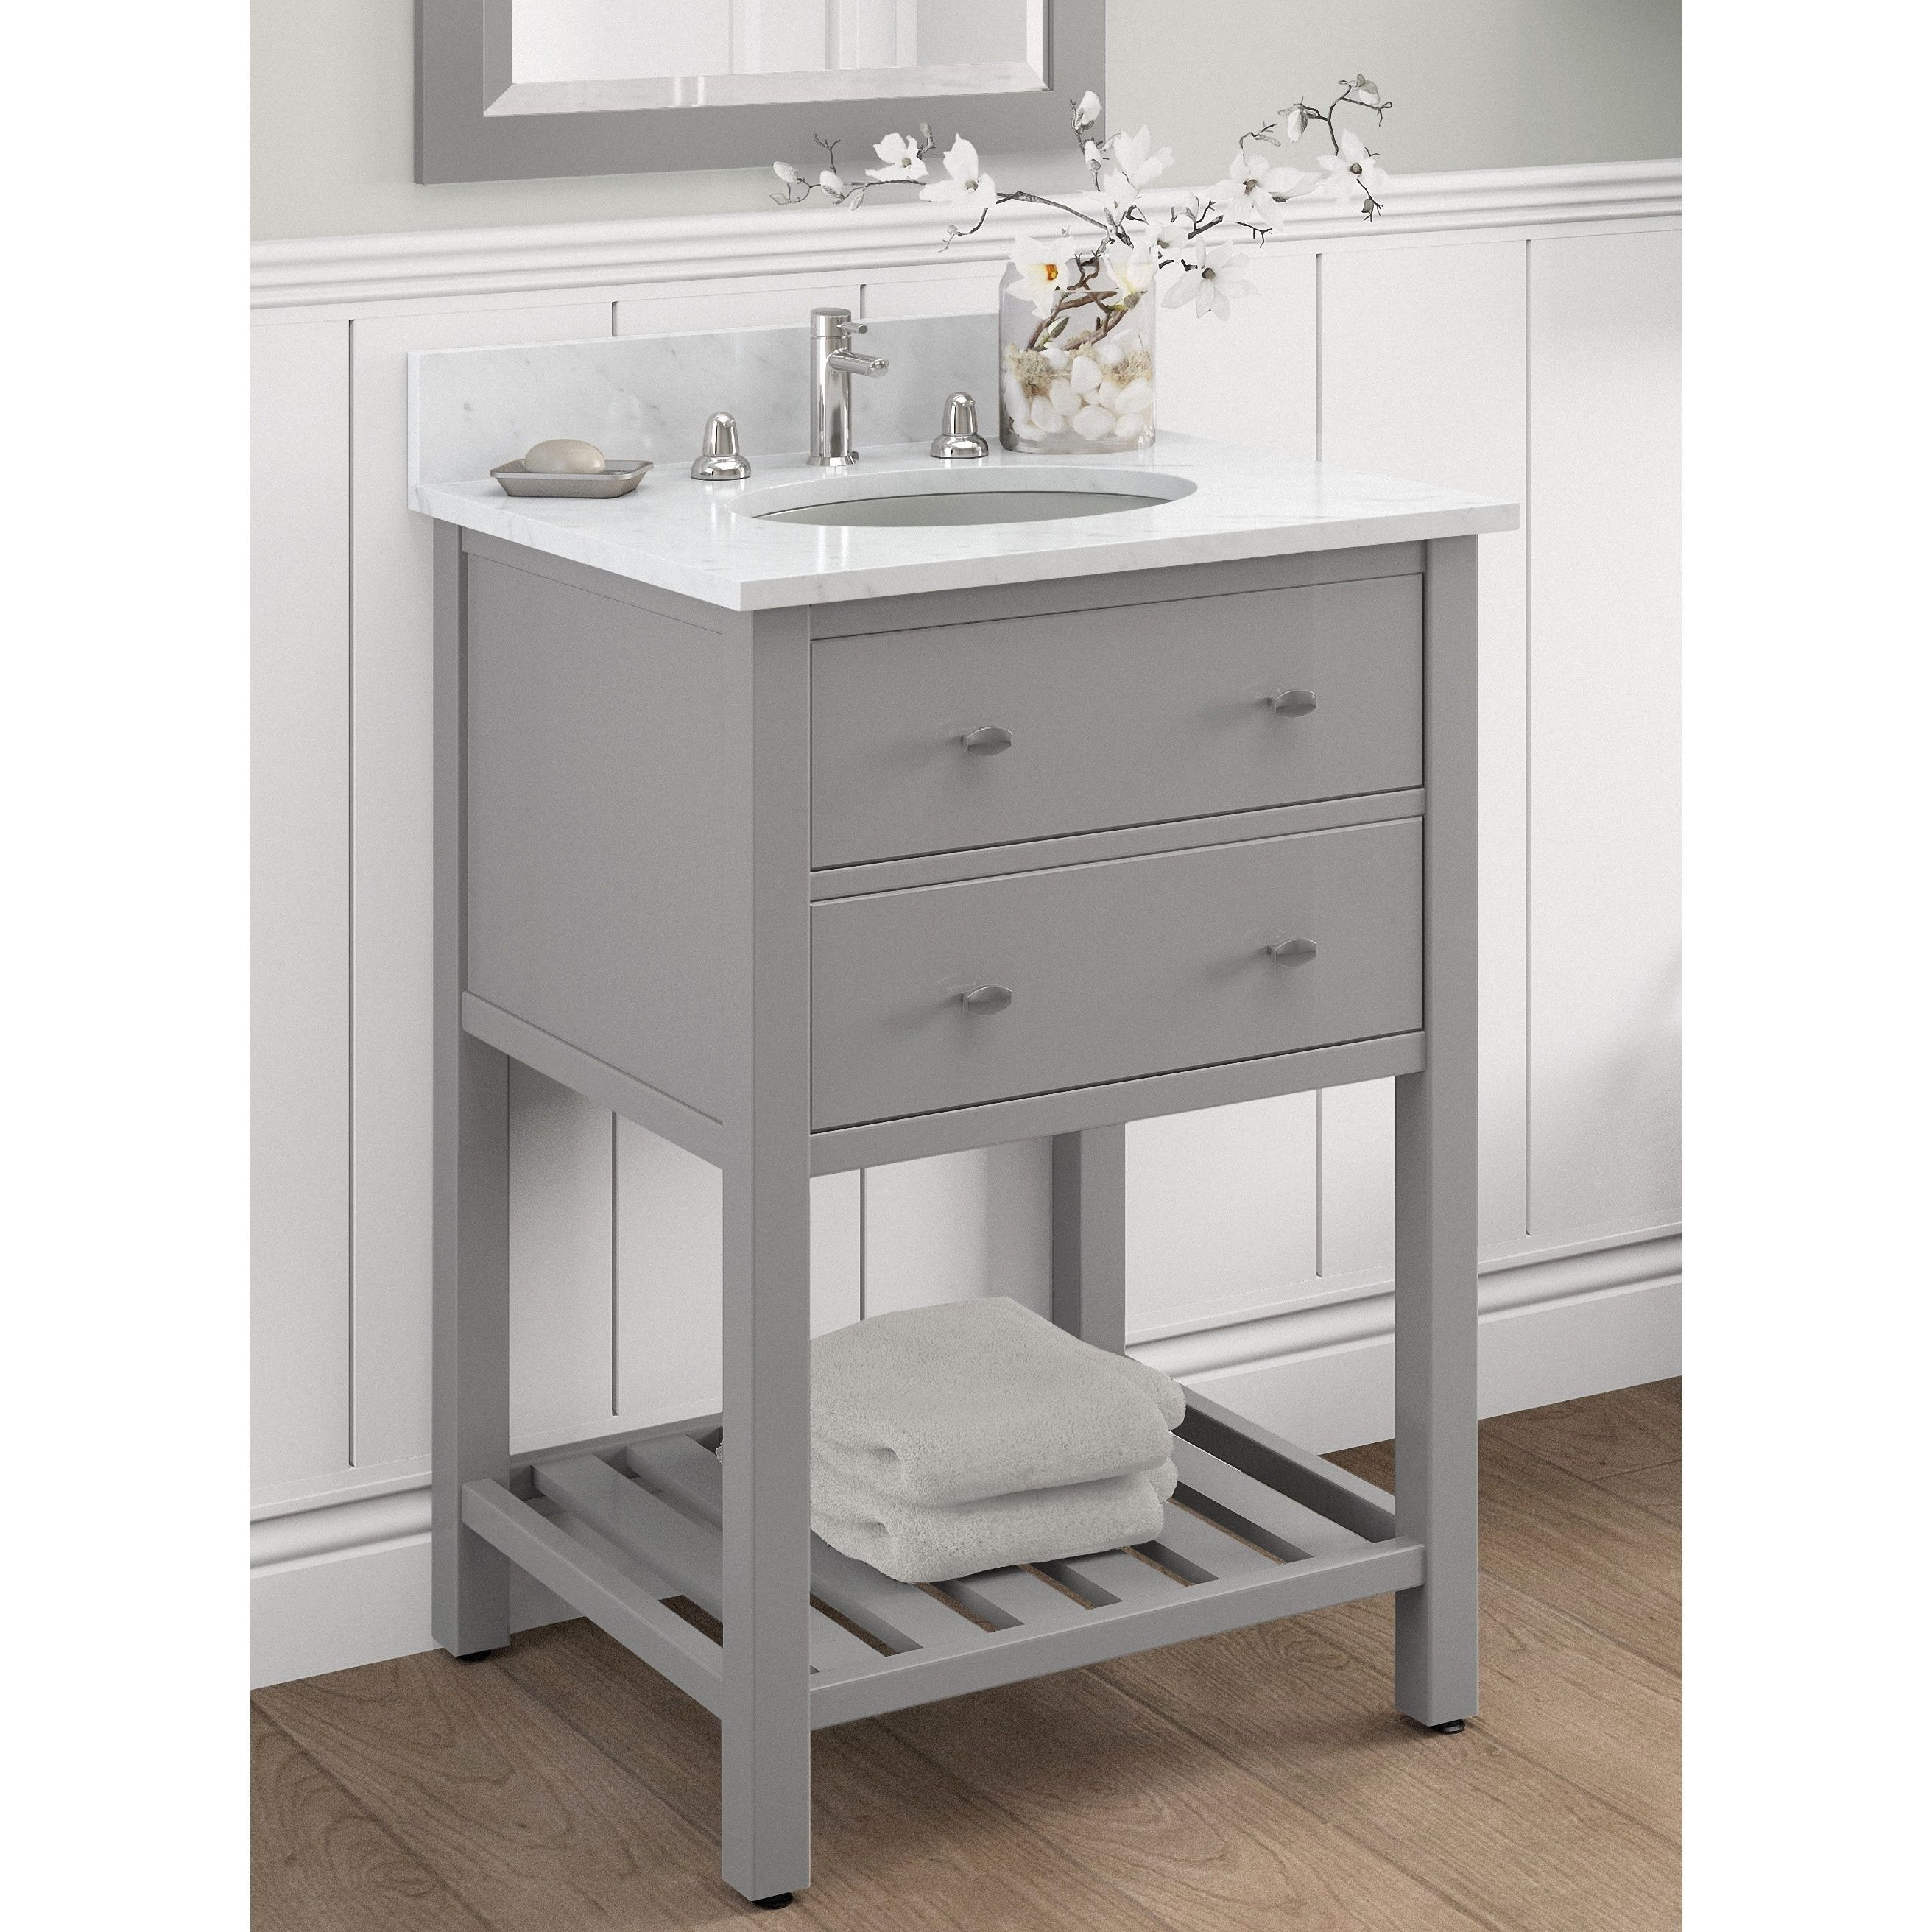 Alaterre Harrison 24 Inch Wood Single Sink Bath Vanity Grey Grey Finish Bath Vanities Single Sink Bathroom Vanity Single Bathroom Vanity